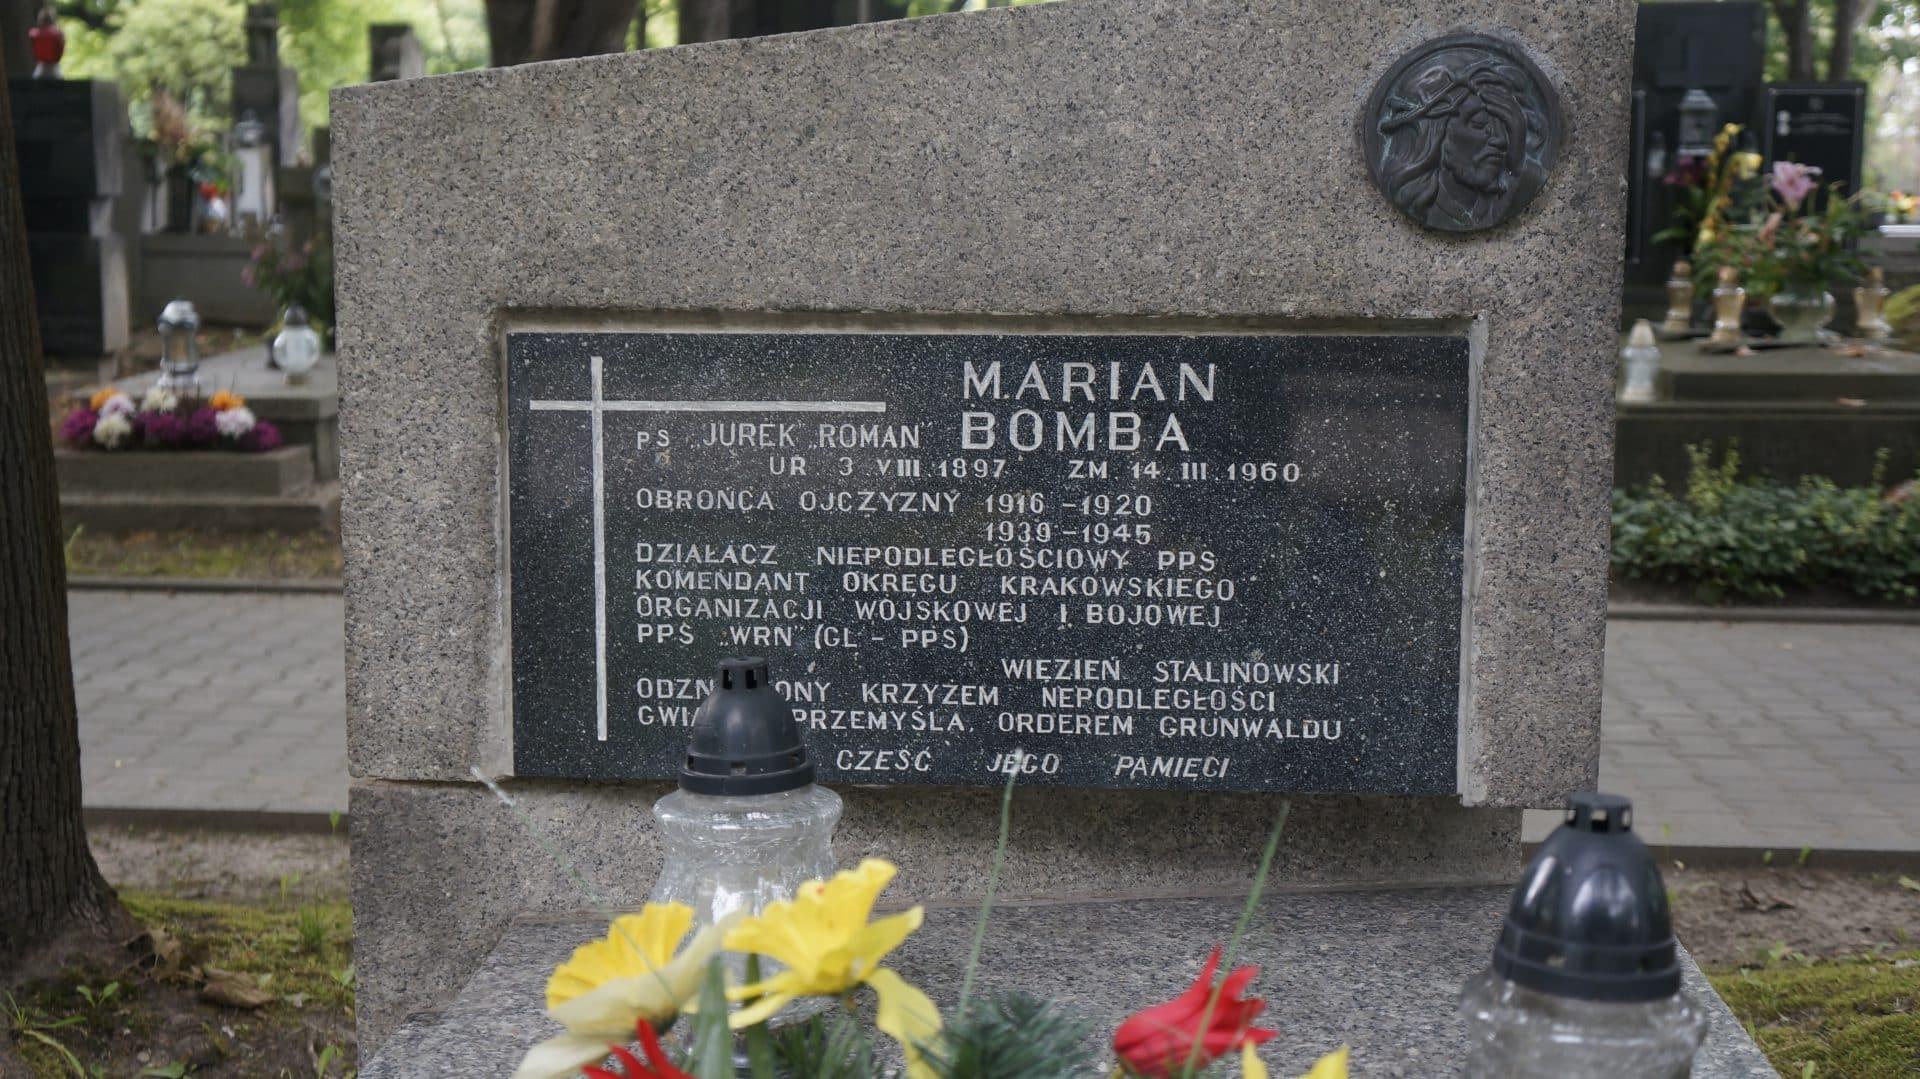 Marian Bomba został pochowany w alei zasłużonych Cmentarza Rakowickiego w Krakowie.